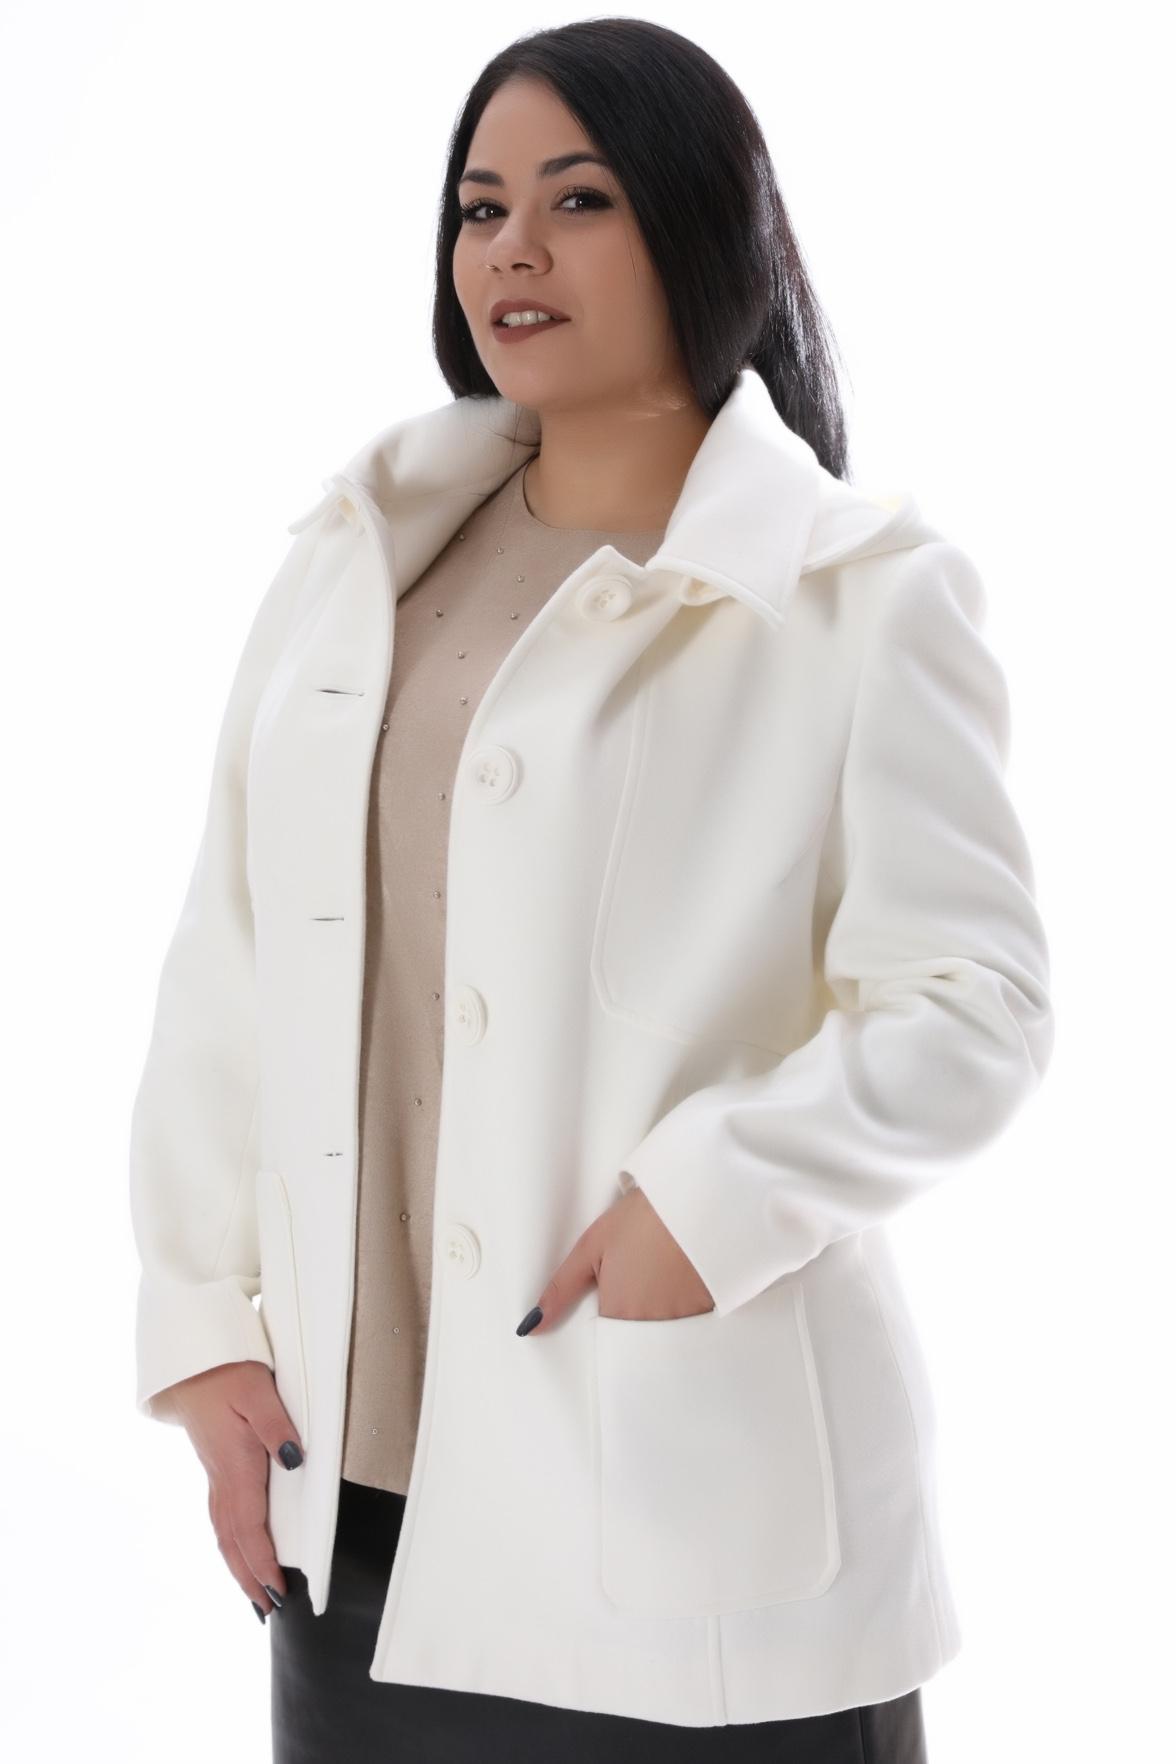 Ημίπαλτο με τσέπες. Είναι σε ελαφρώς άλφα γραμμή. Έχει τσέπες και κλείνει μπροστά με κουμπιά. Σύνθεση: 100%POL Διαθέσιμα μεγέθη από S έως 3XL. Το μοντέλο έχει ύψος 1.73cm και φοράει μέγεθος L.